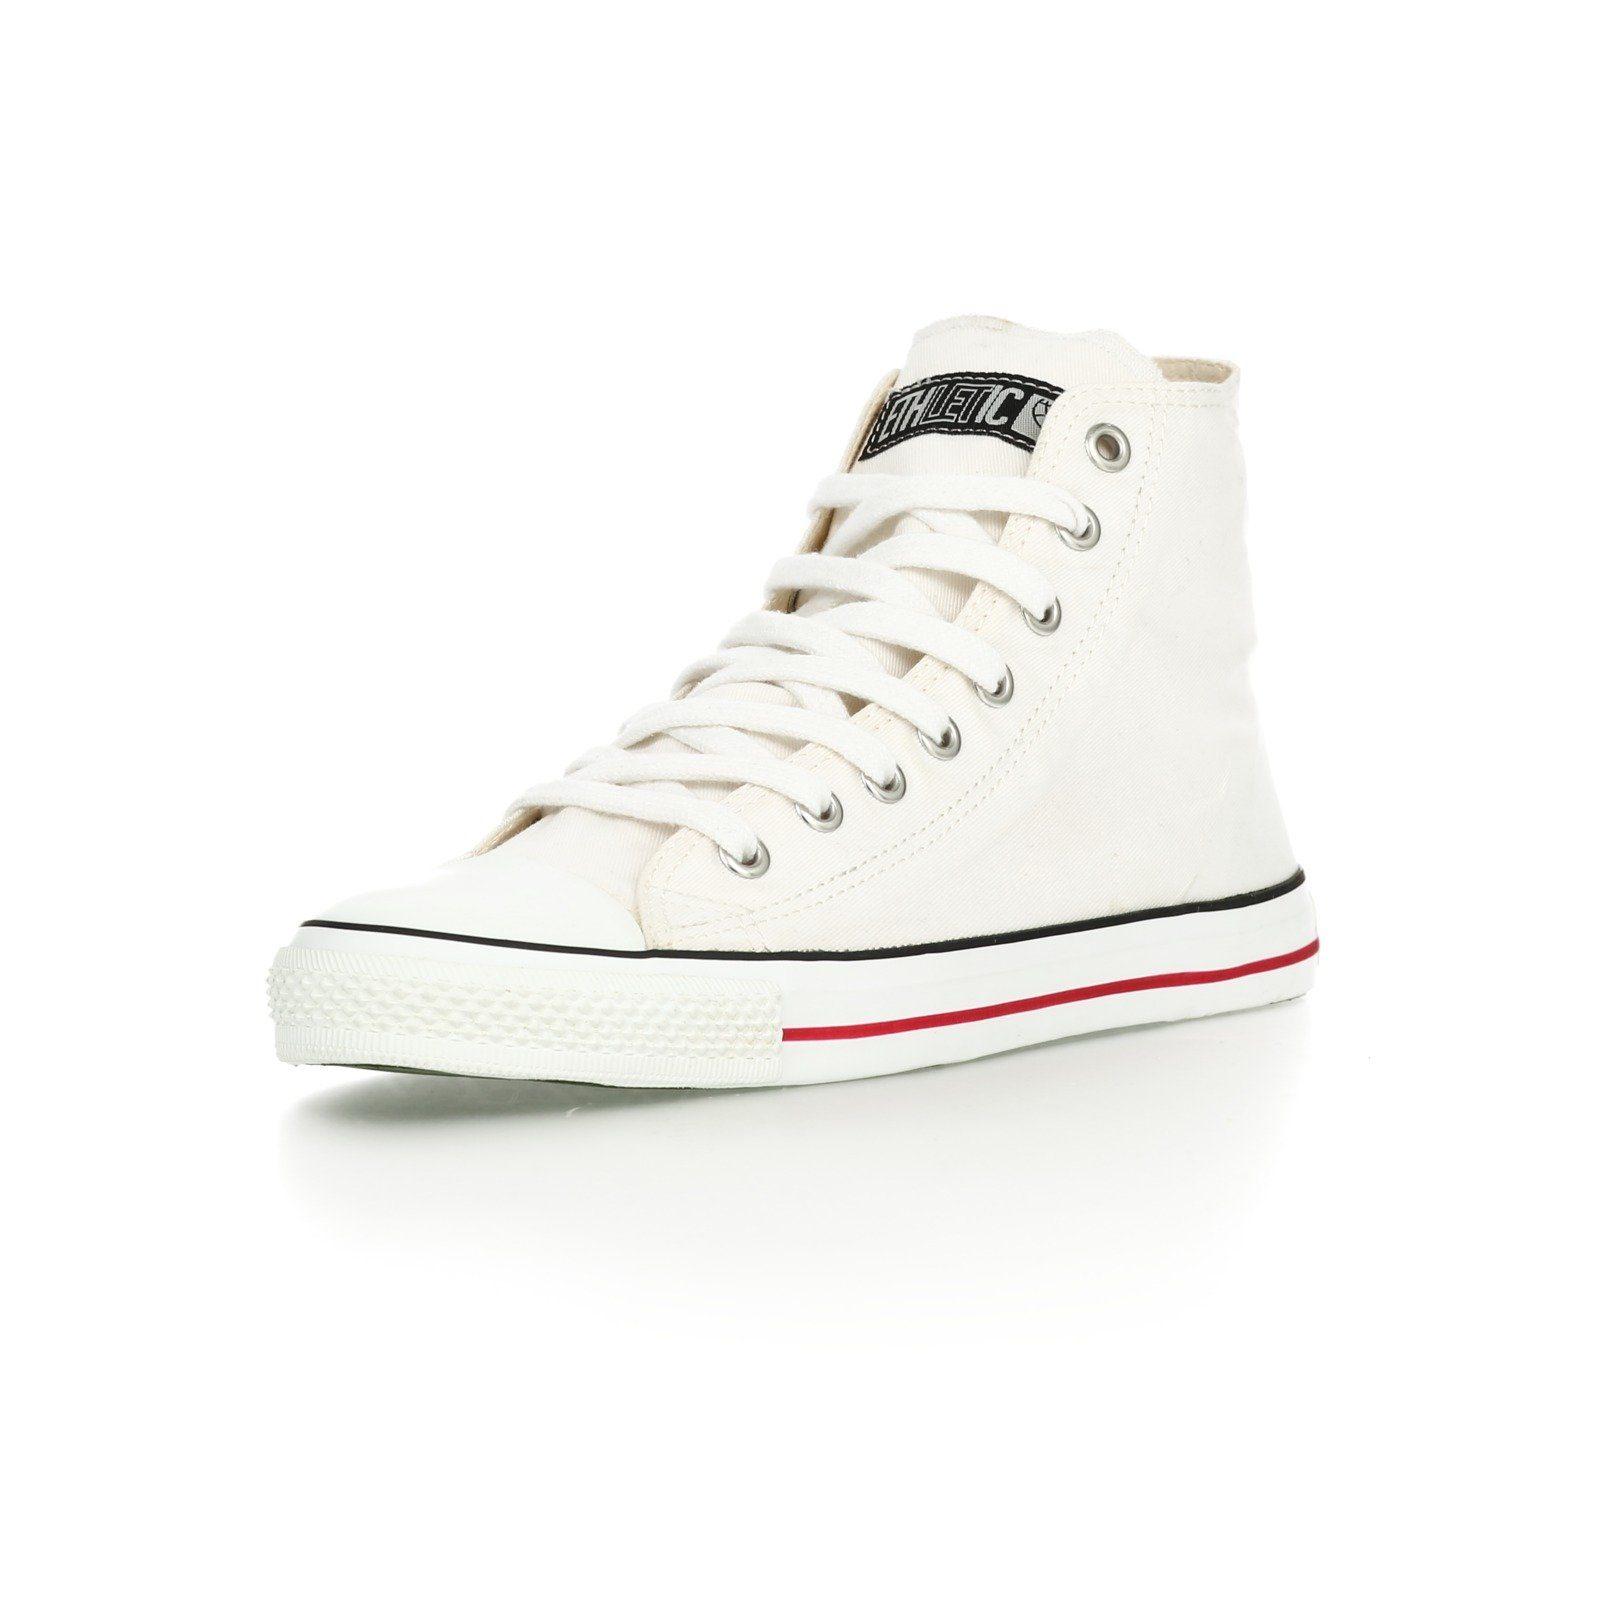 ETHLETIC Sneaker aus nachhaltiger Produktion White Cap Hi Cut Classic online kaufen  Just White | Just White